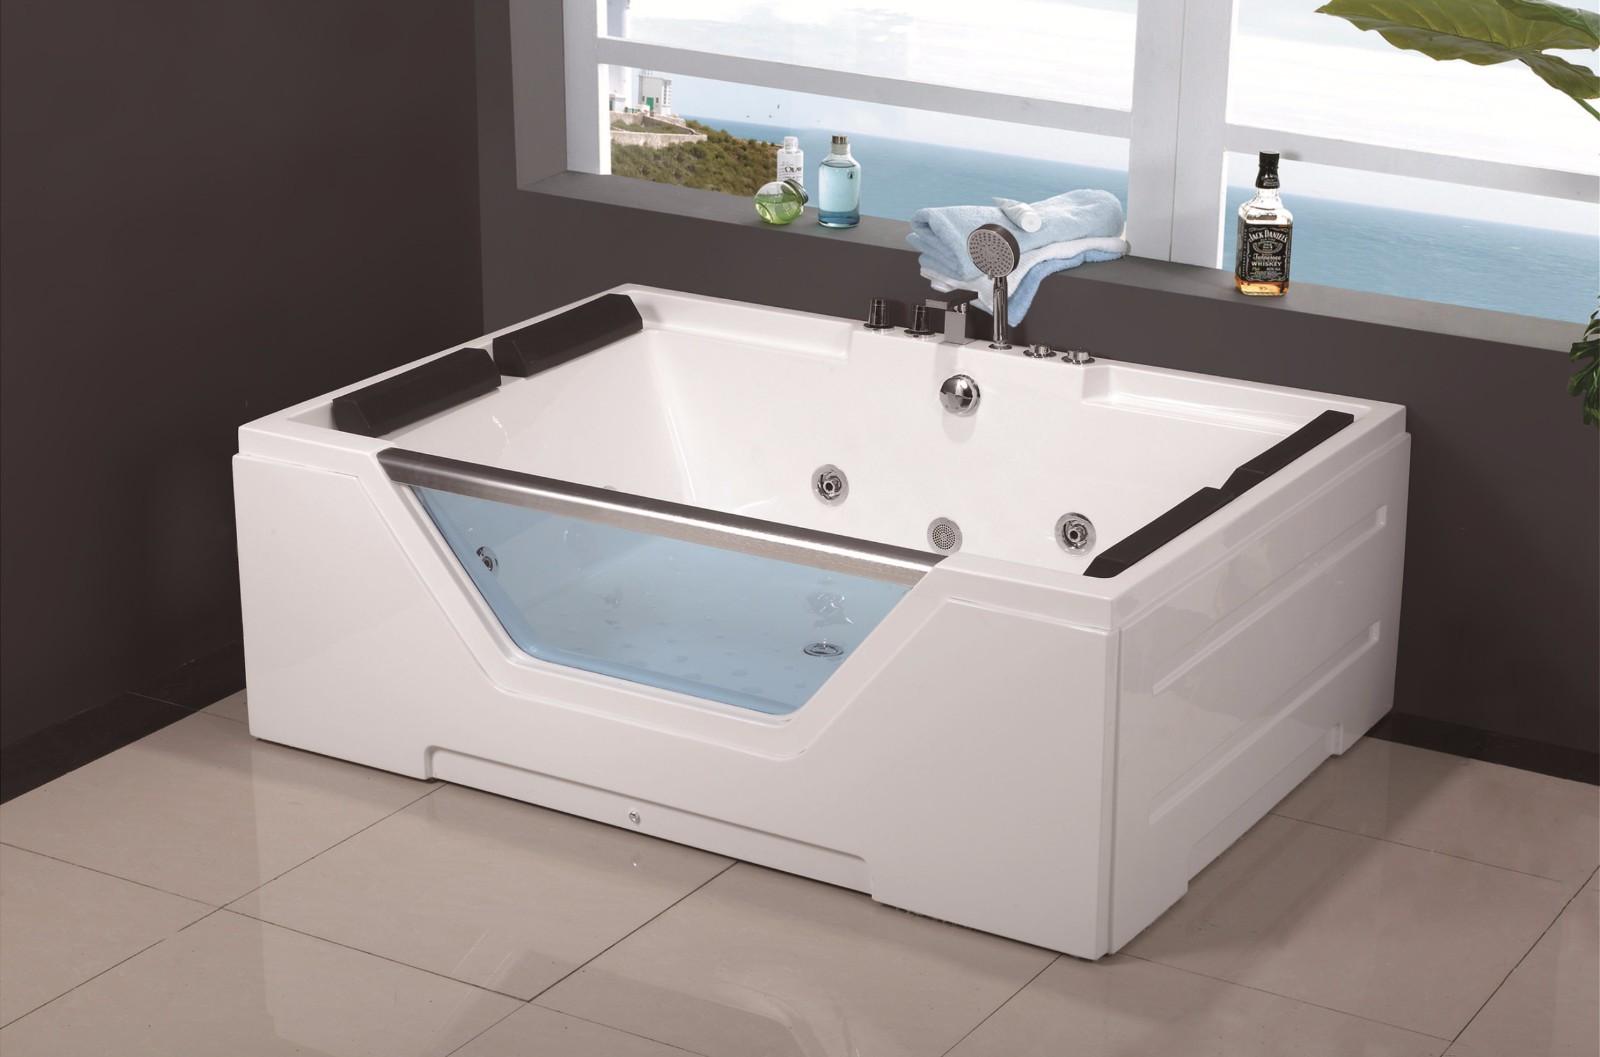 C-436 (C-3099) Acrilico di lusso 2 Due persone Moderno Design Design semplice Whirlpool Jetted Massage Vasca idromassaggio Vasca da bagno Bathtub.jpg